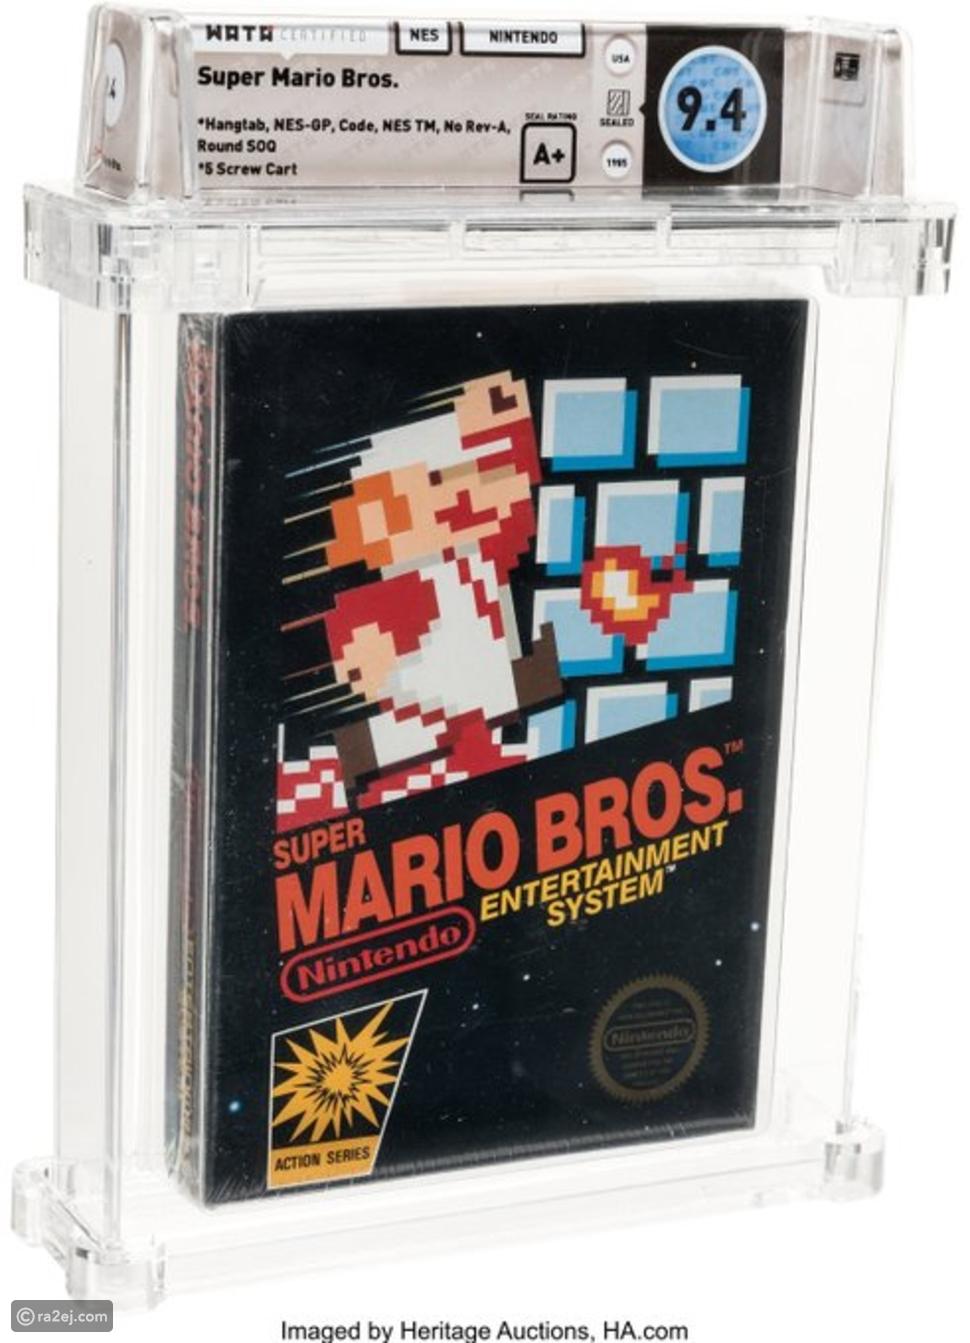 مر على إصدارها 35 عاماً:  سعر خيالي لأغلى لعبة فيديو في العالم